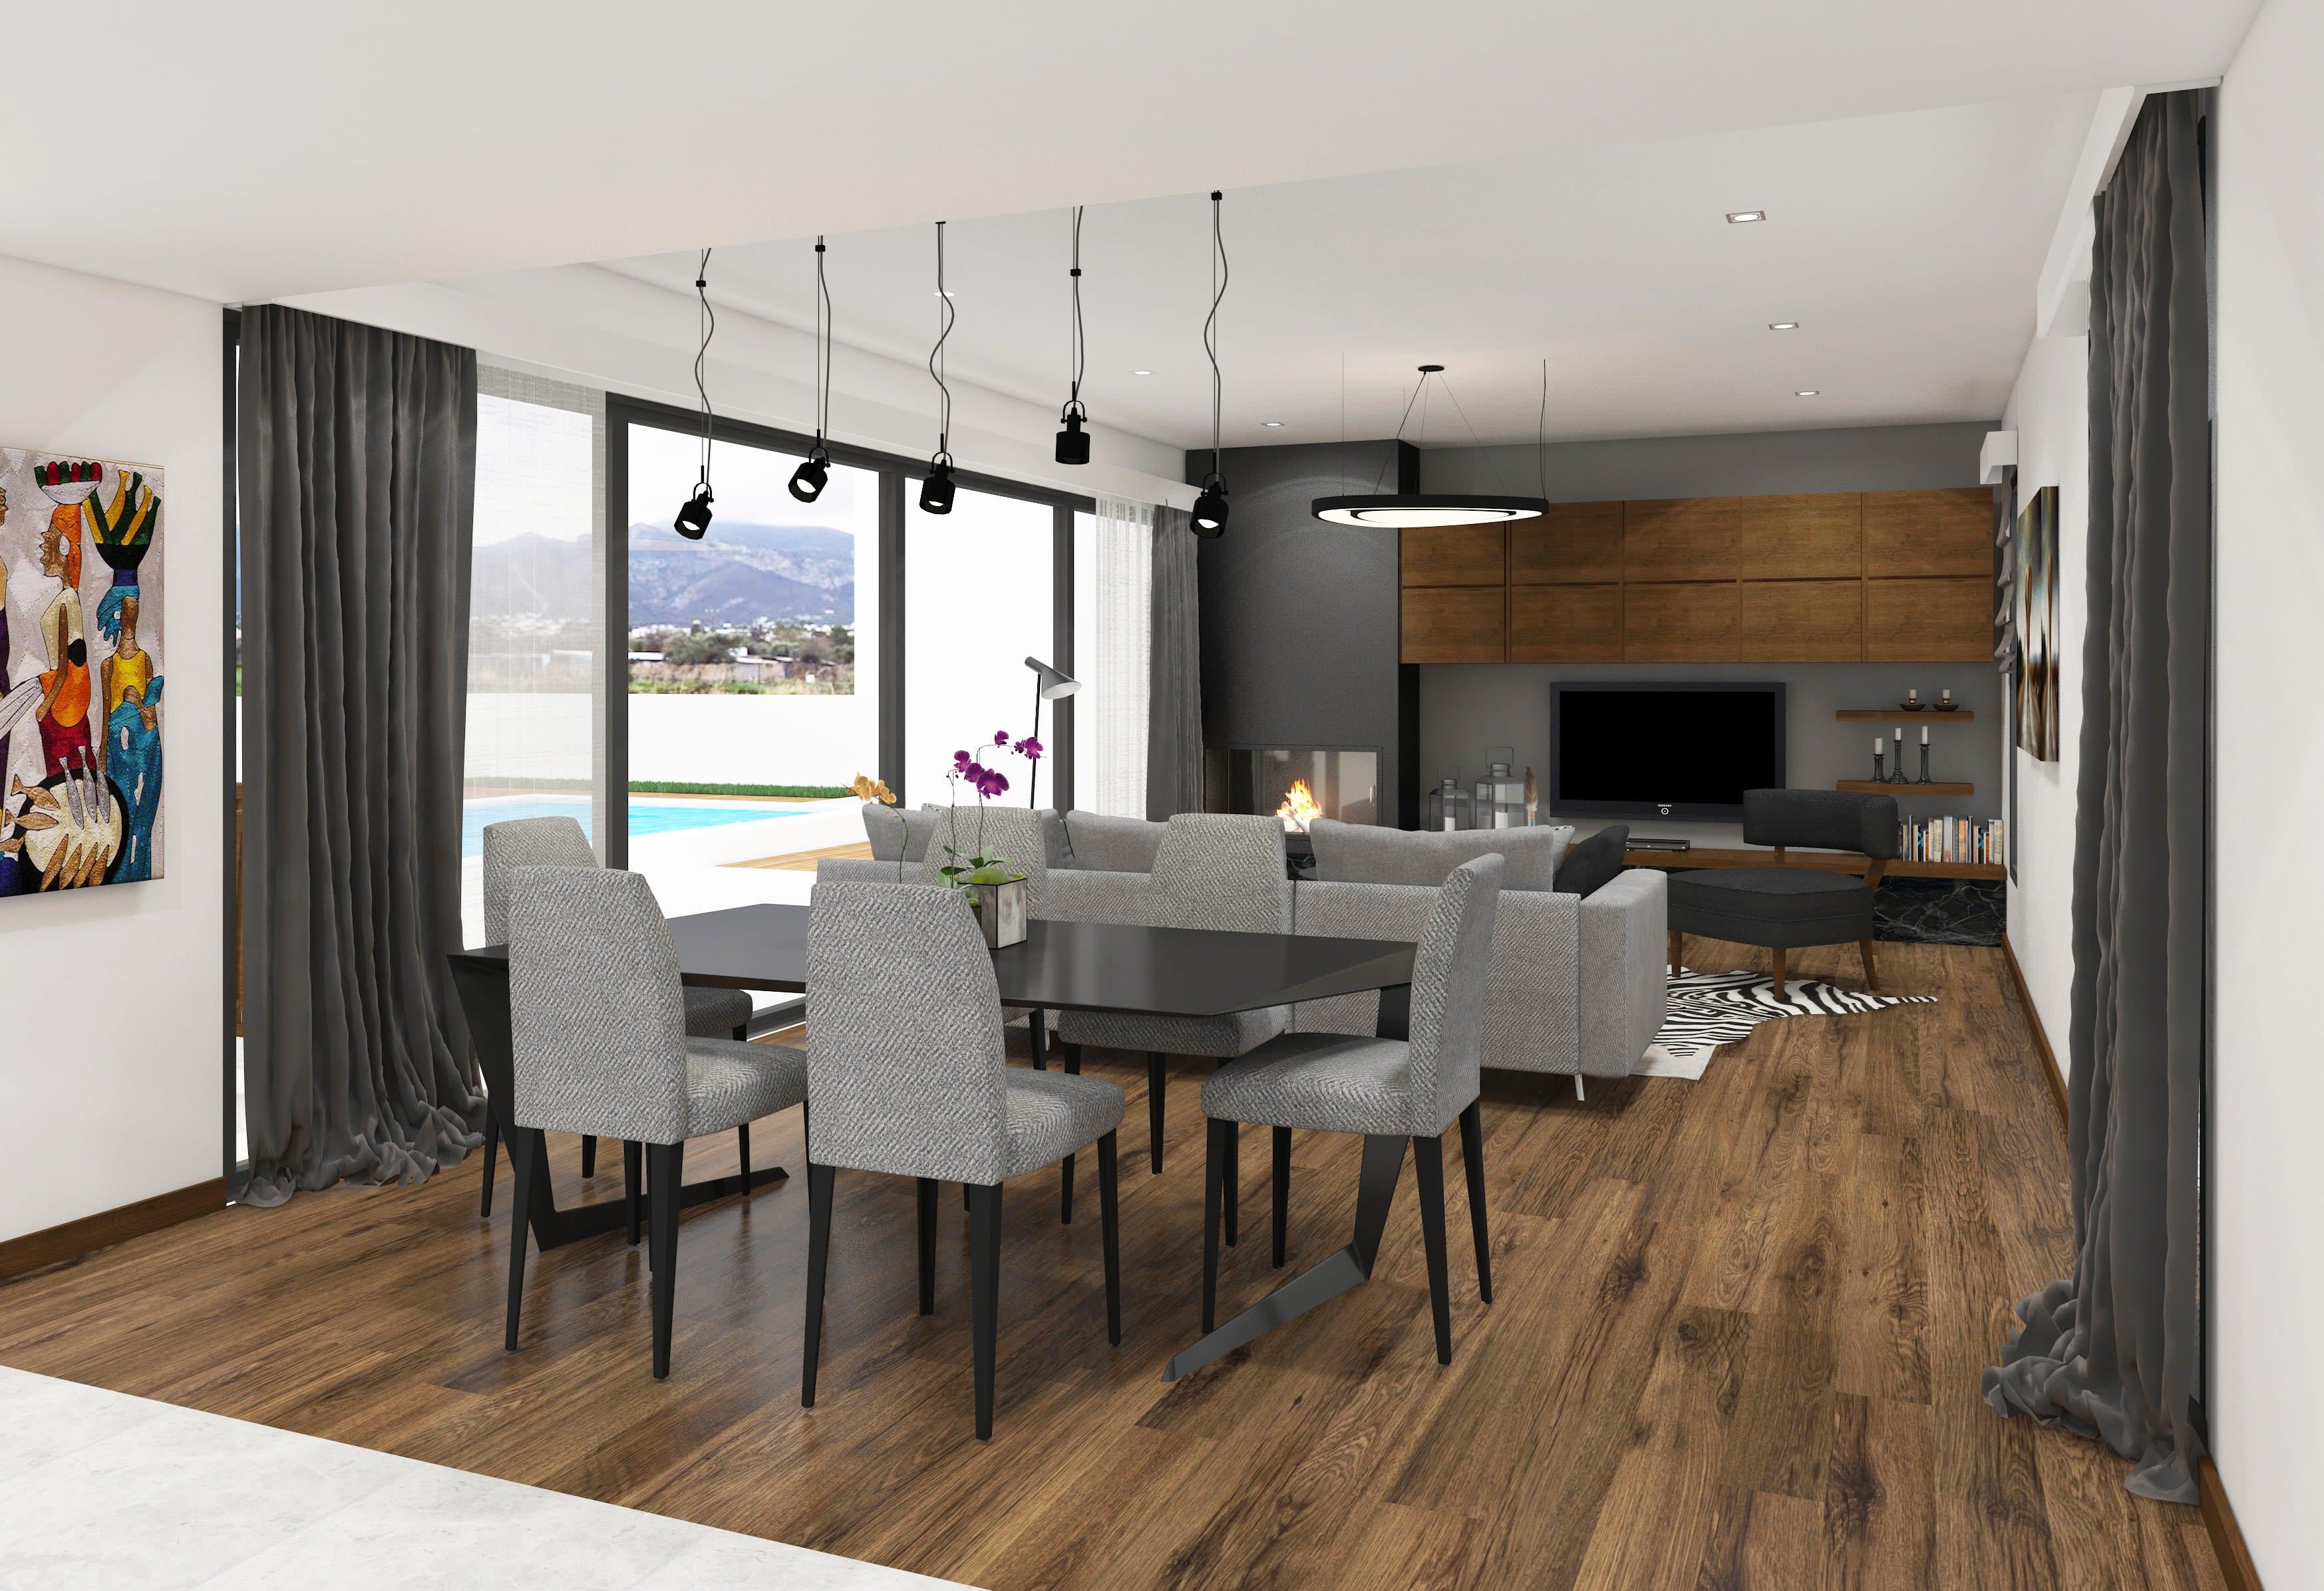 Çatalköy'de Satılık 4 Yatak Odalı ve Özel Havuzlu Lüks Villalar 7936